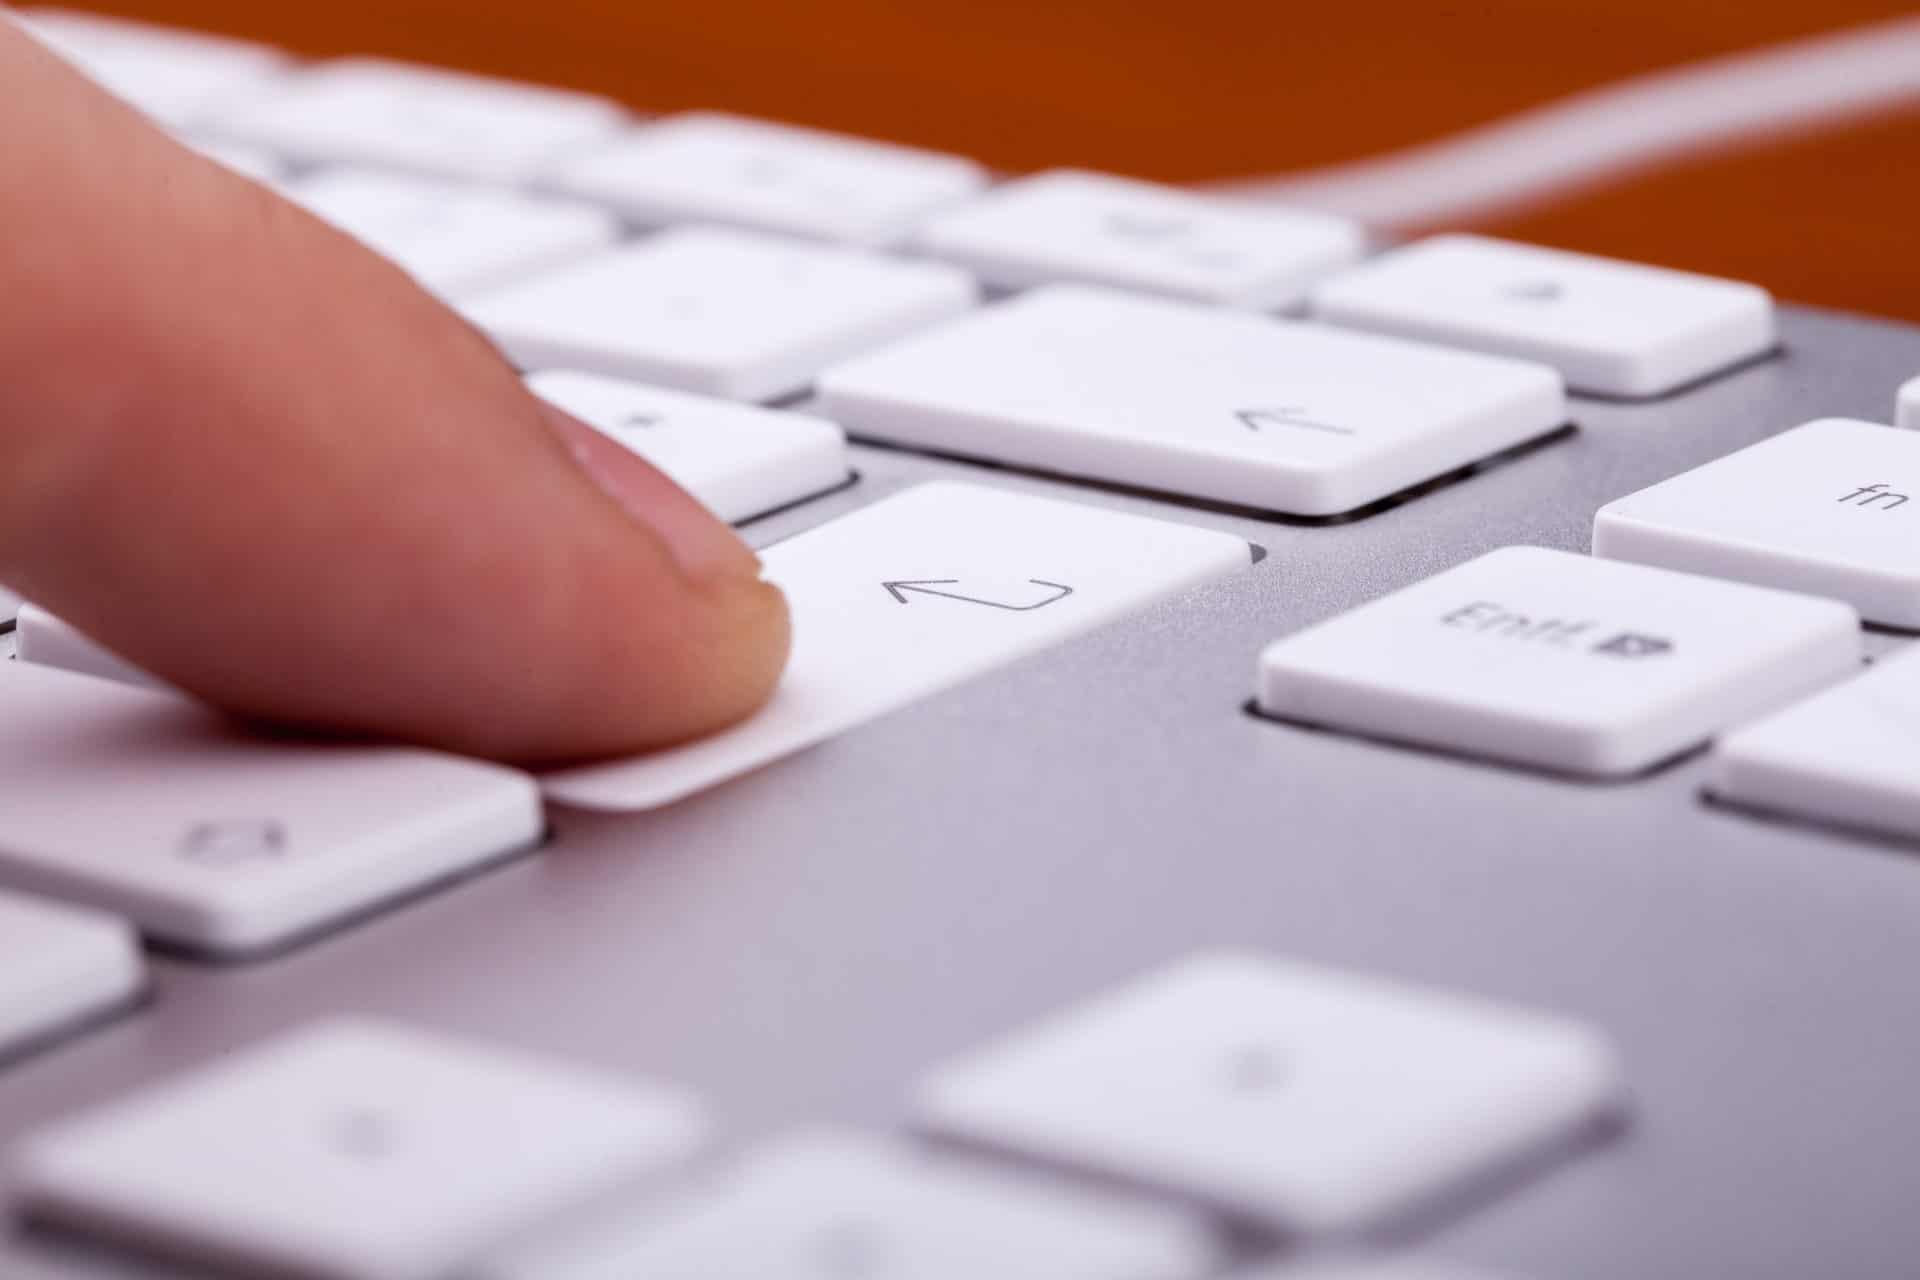 Finger pressing on keyboard